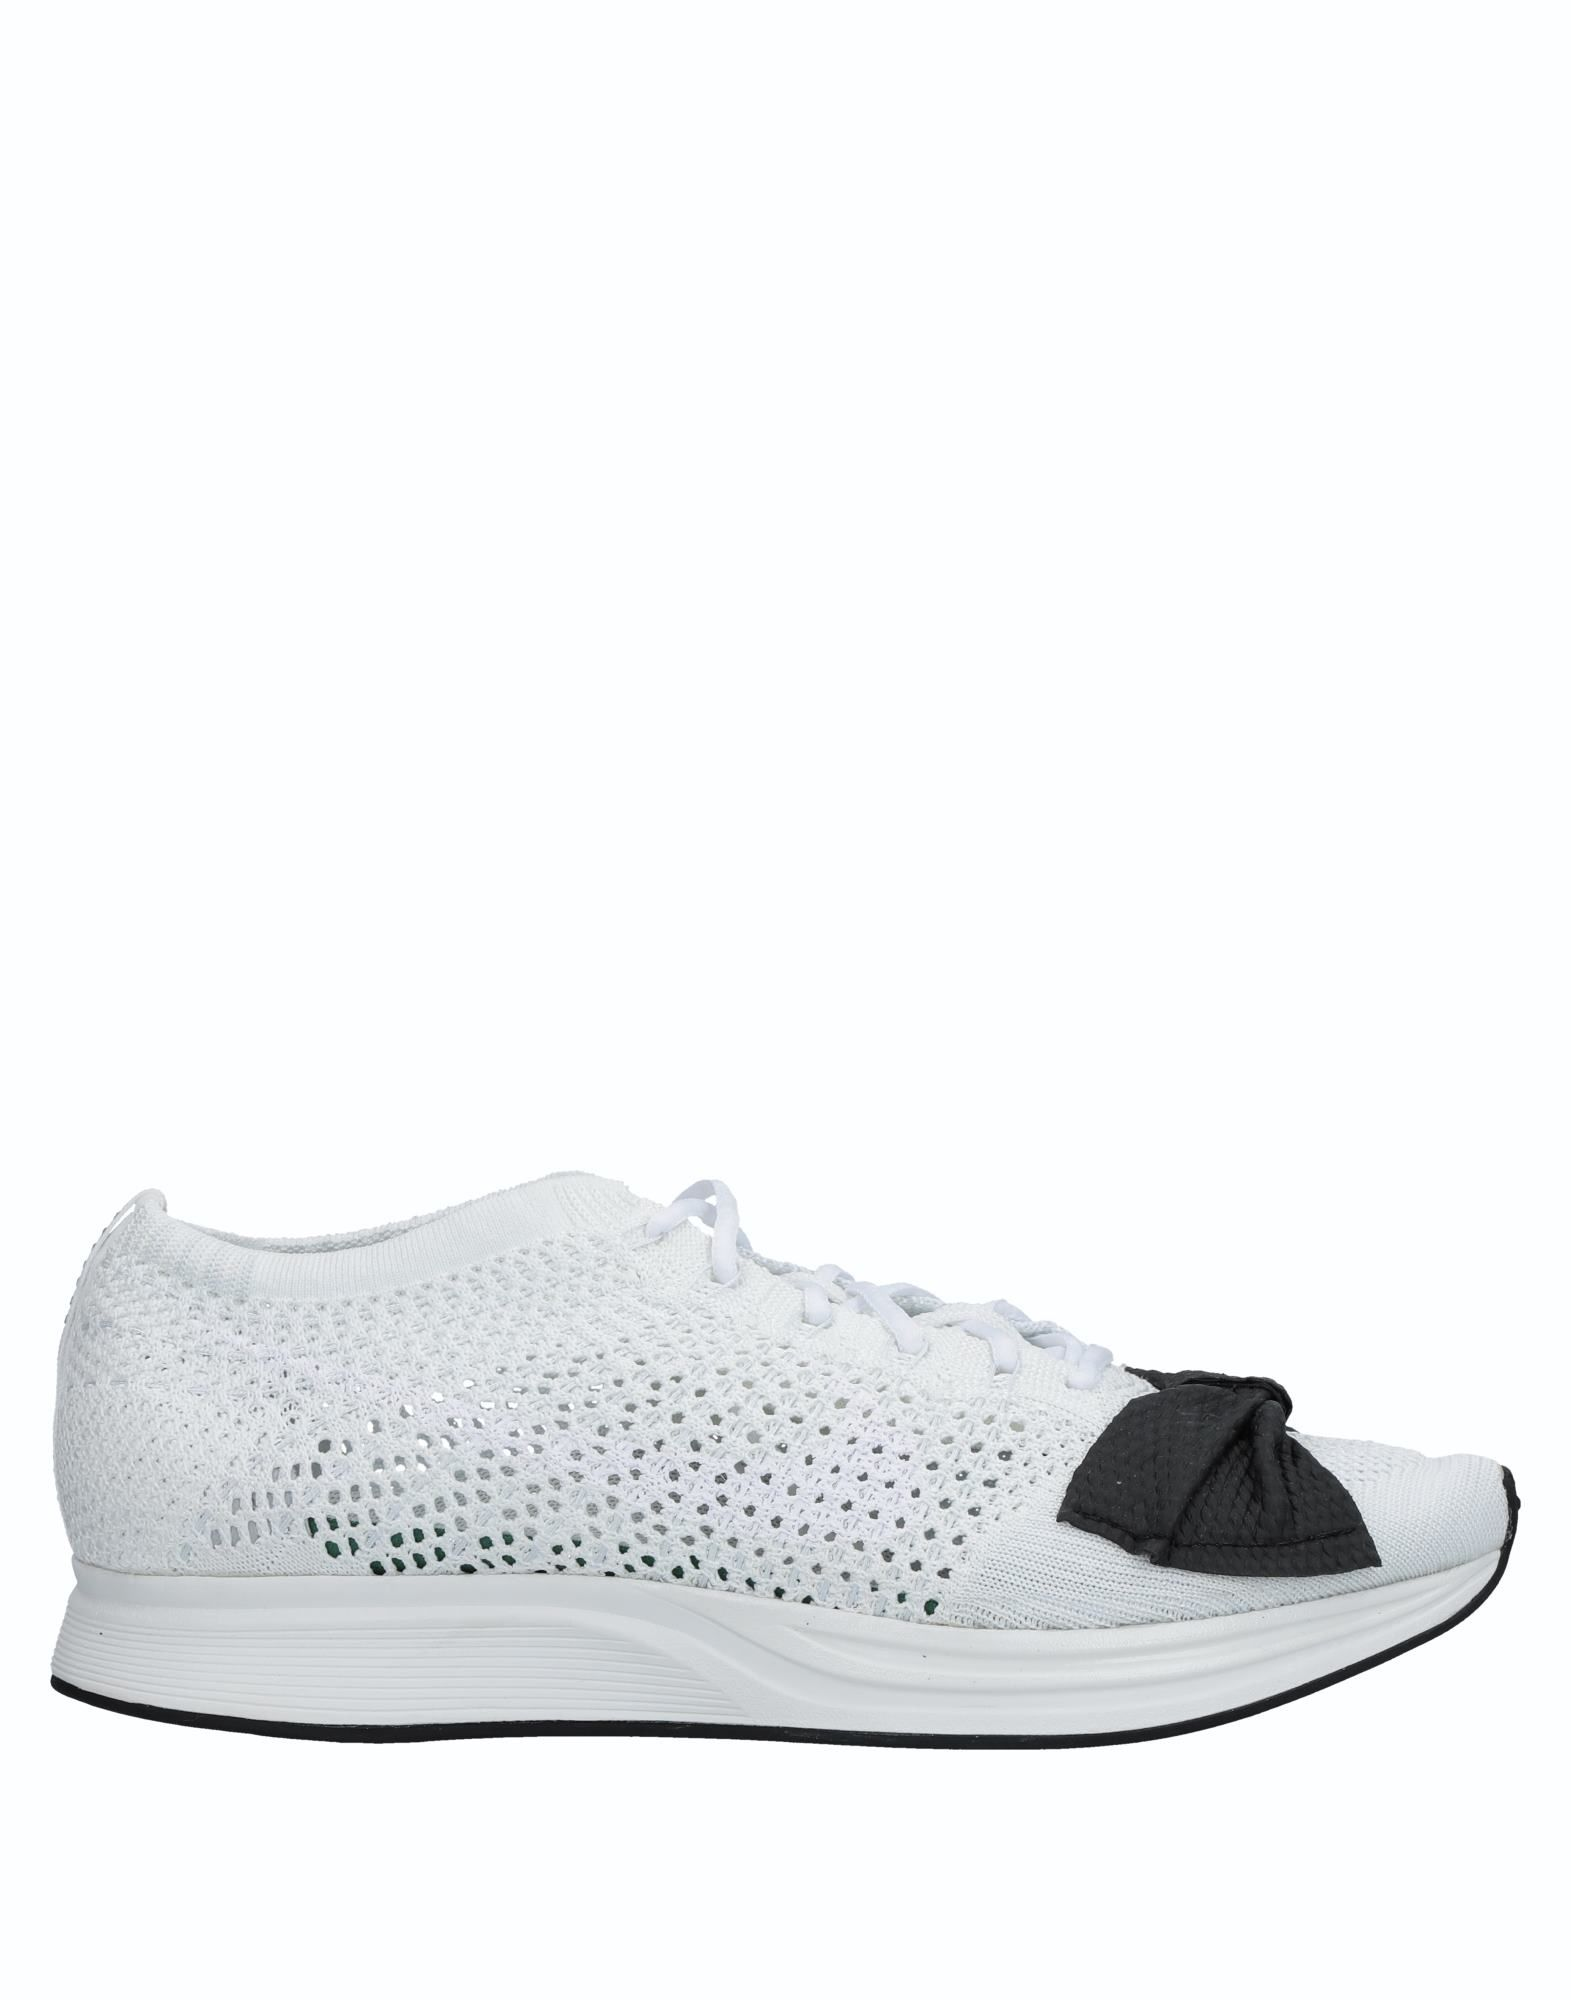 Nike Sneakers Damen  11513846CF Heiße Schuhe Schuhe Heiße eede45